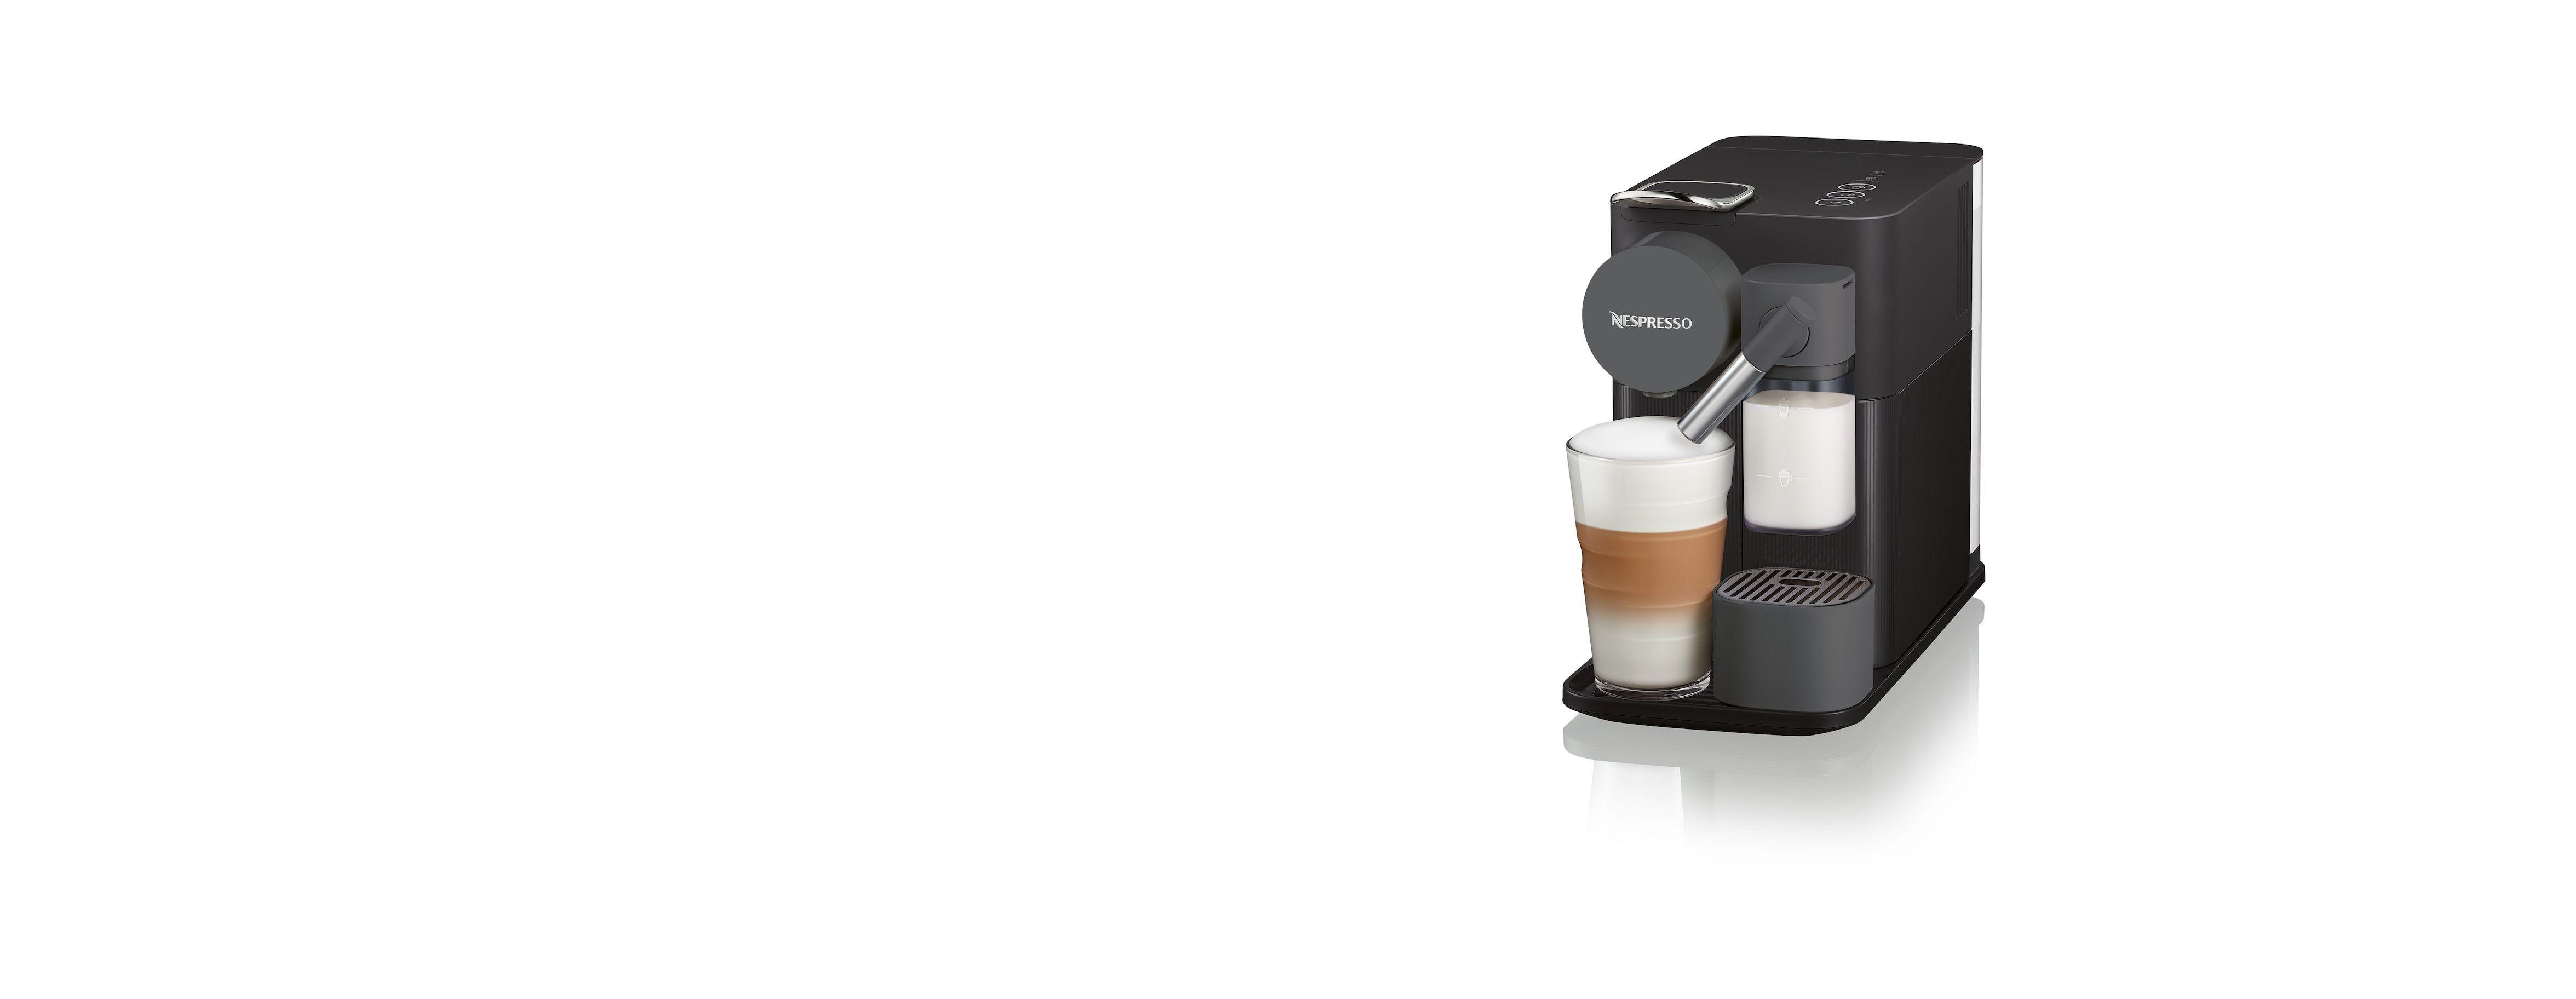 Lattissima One Grey One Touch Latte Macchiato Kaffee Nespresso In 2020 Coffee Machine Nespresso Latte Macchiato Macchiato